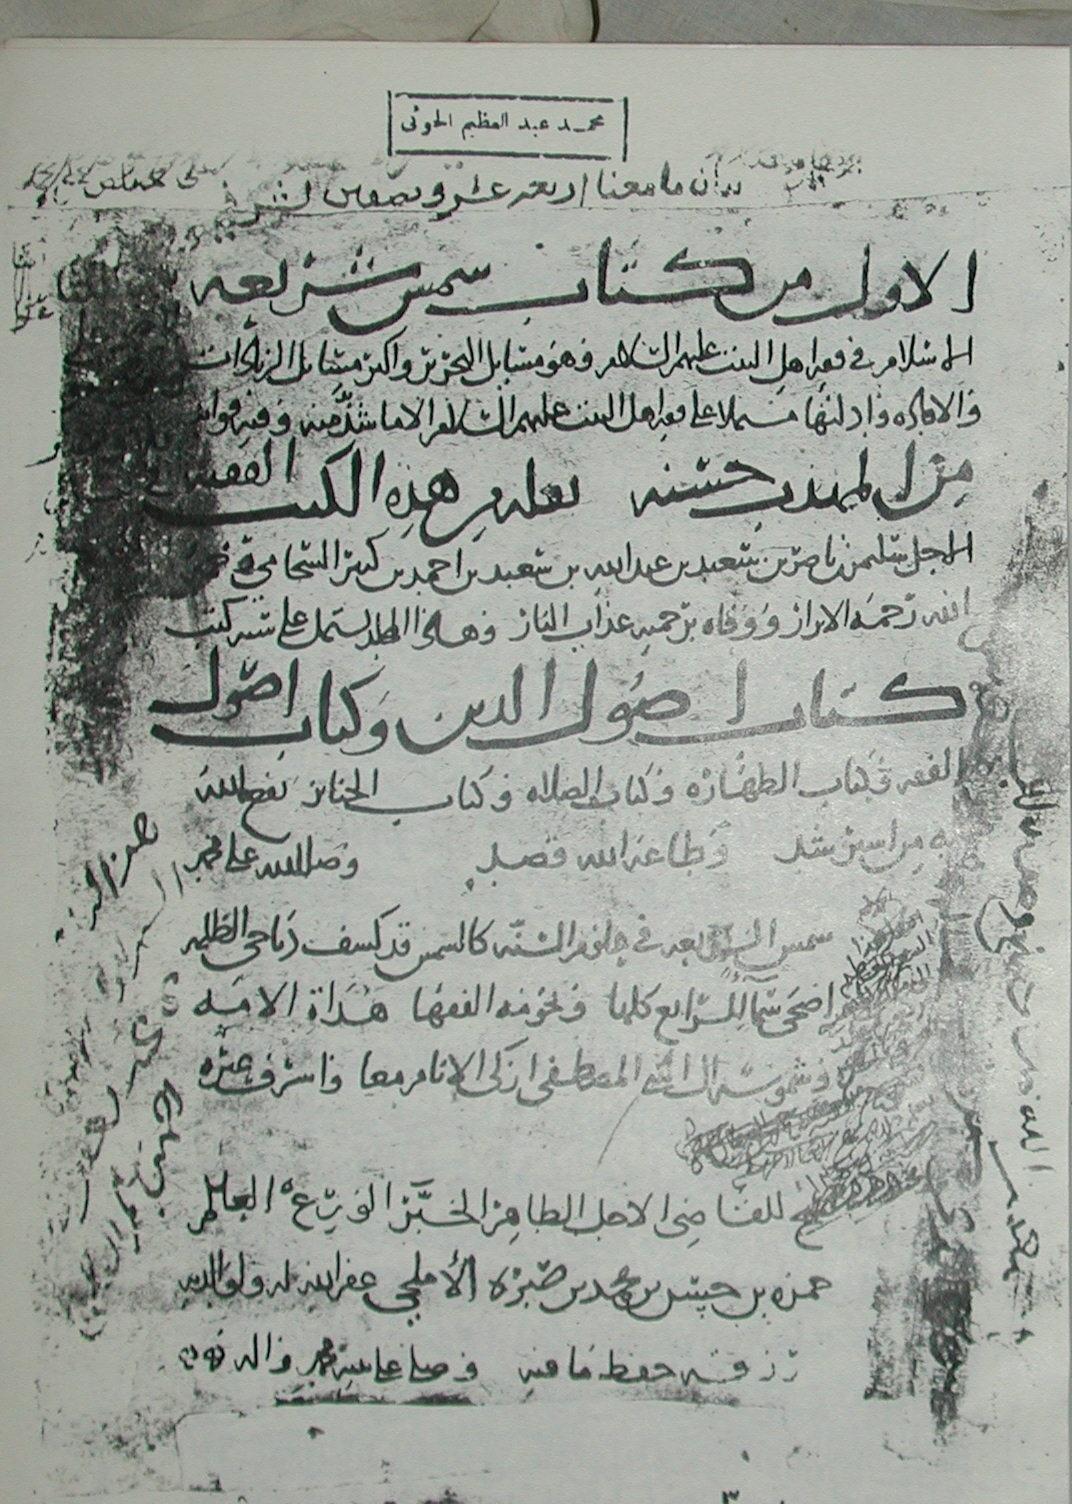 (شمس الشريعة (مصورة